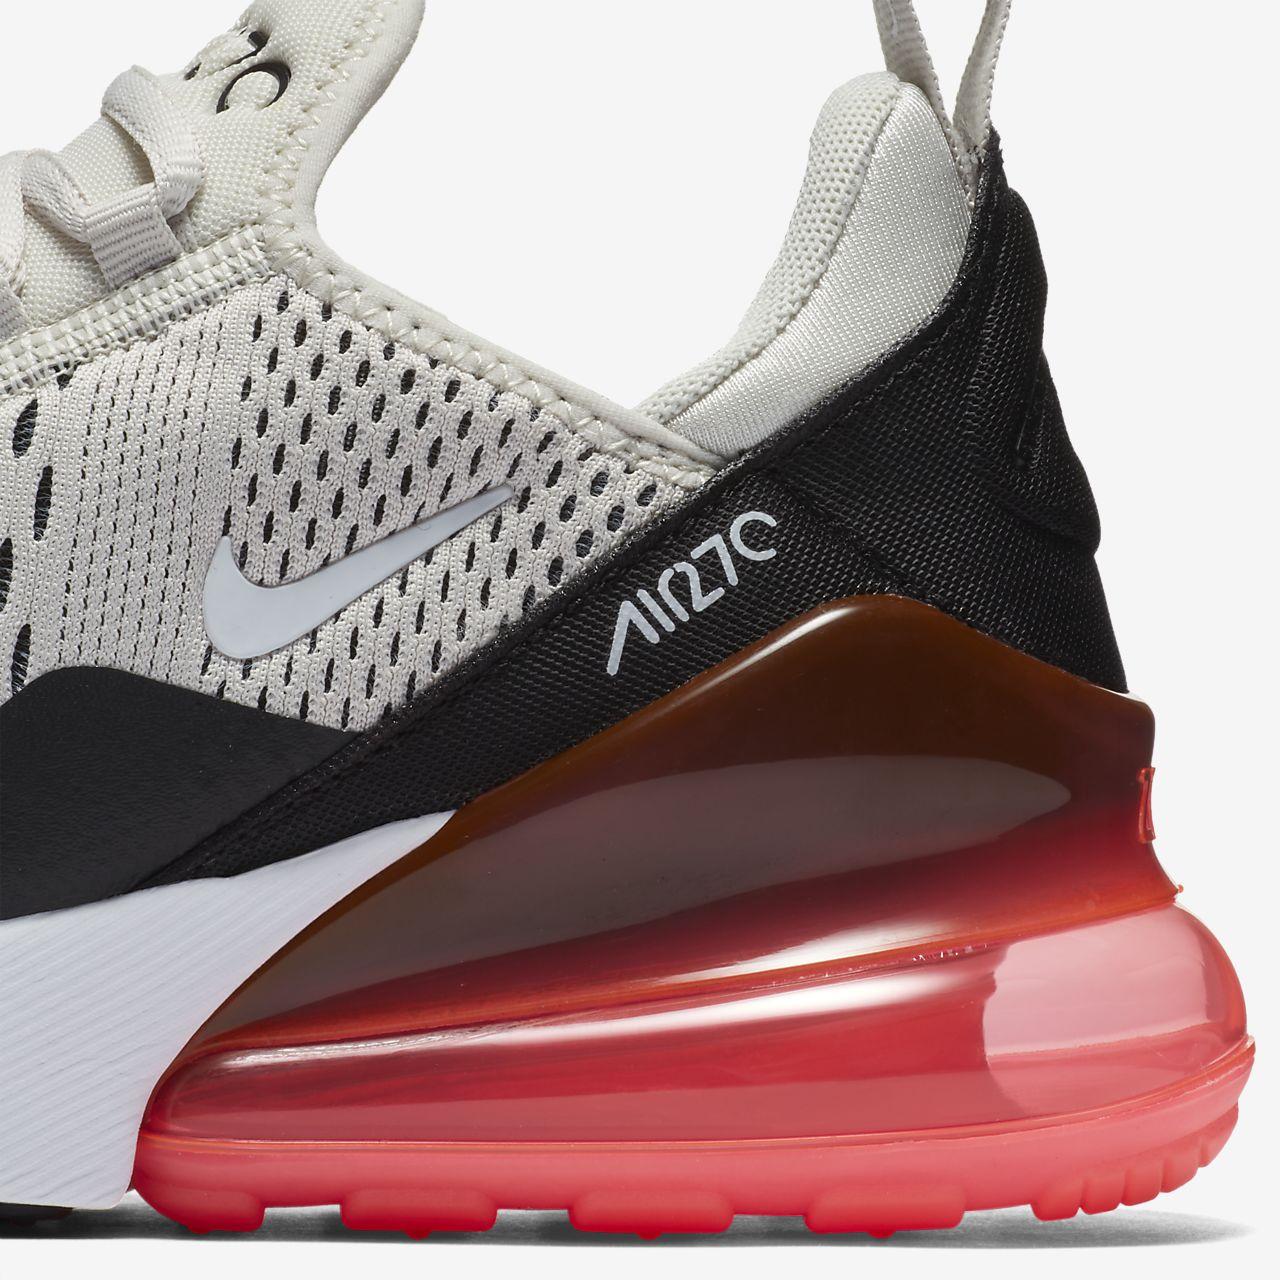 Personalizza Qualsiasi Acquista Nike 2 Case Air Off Max E 270 wPTqAvCP